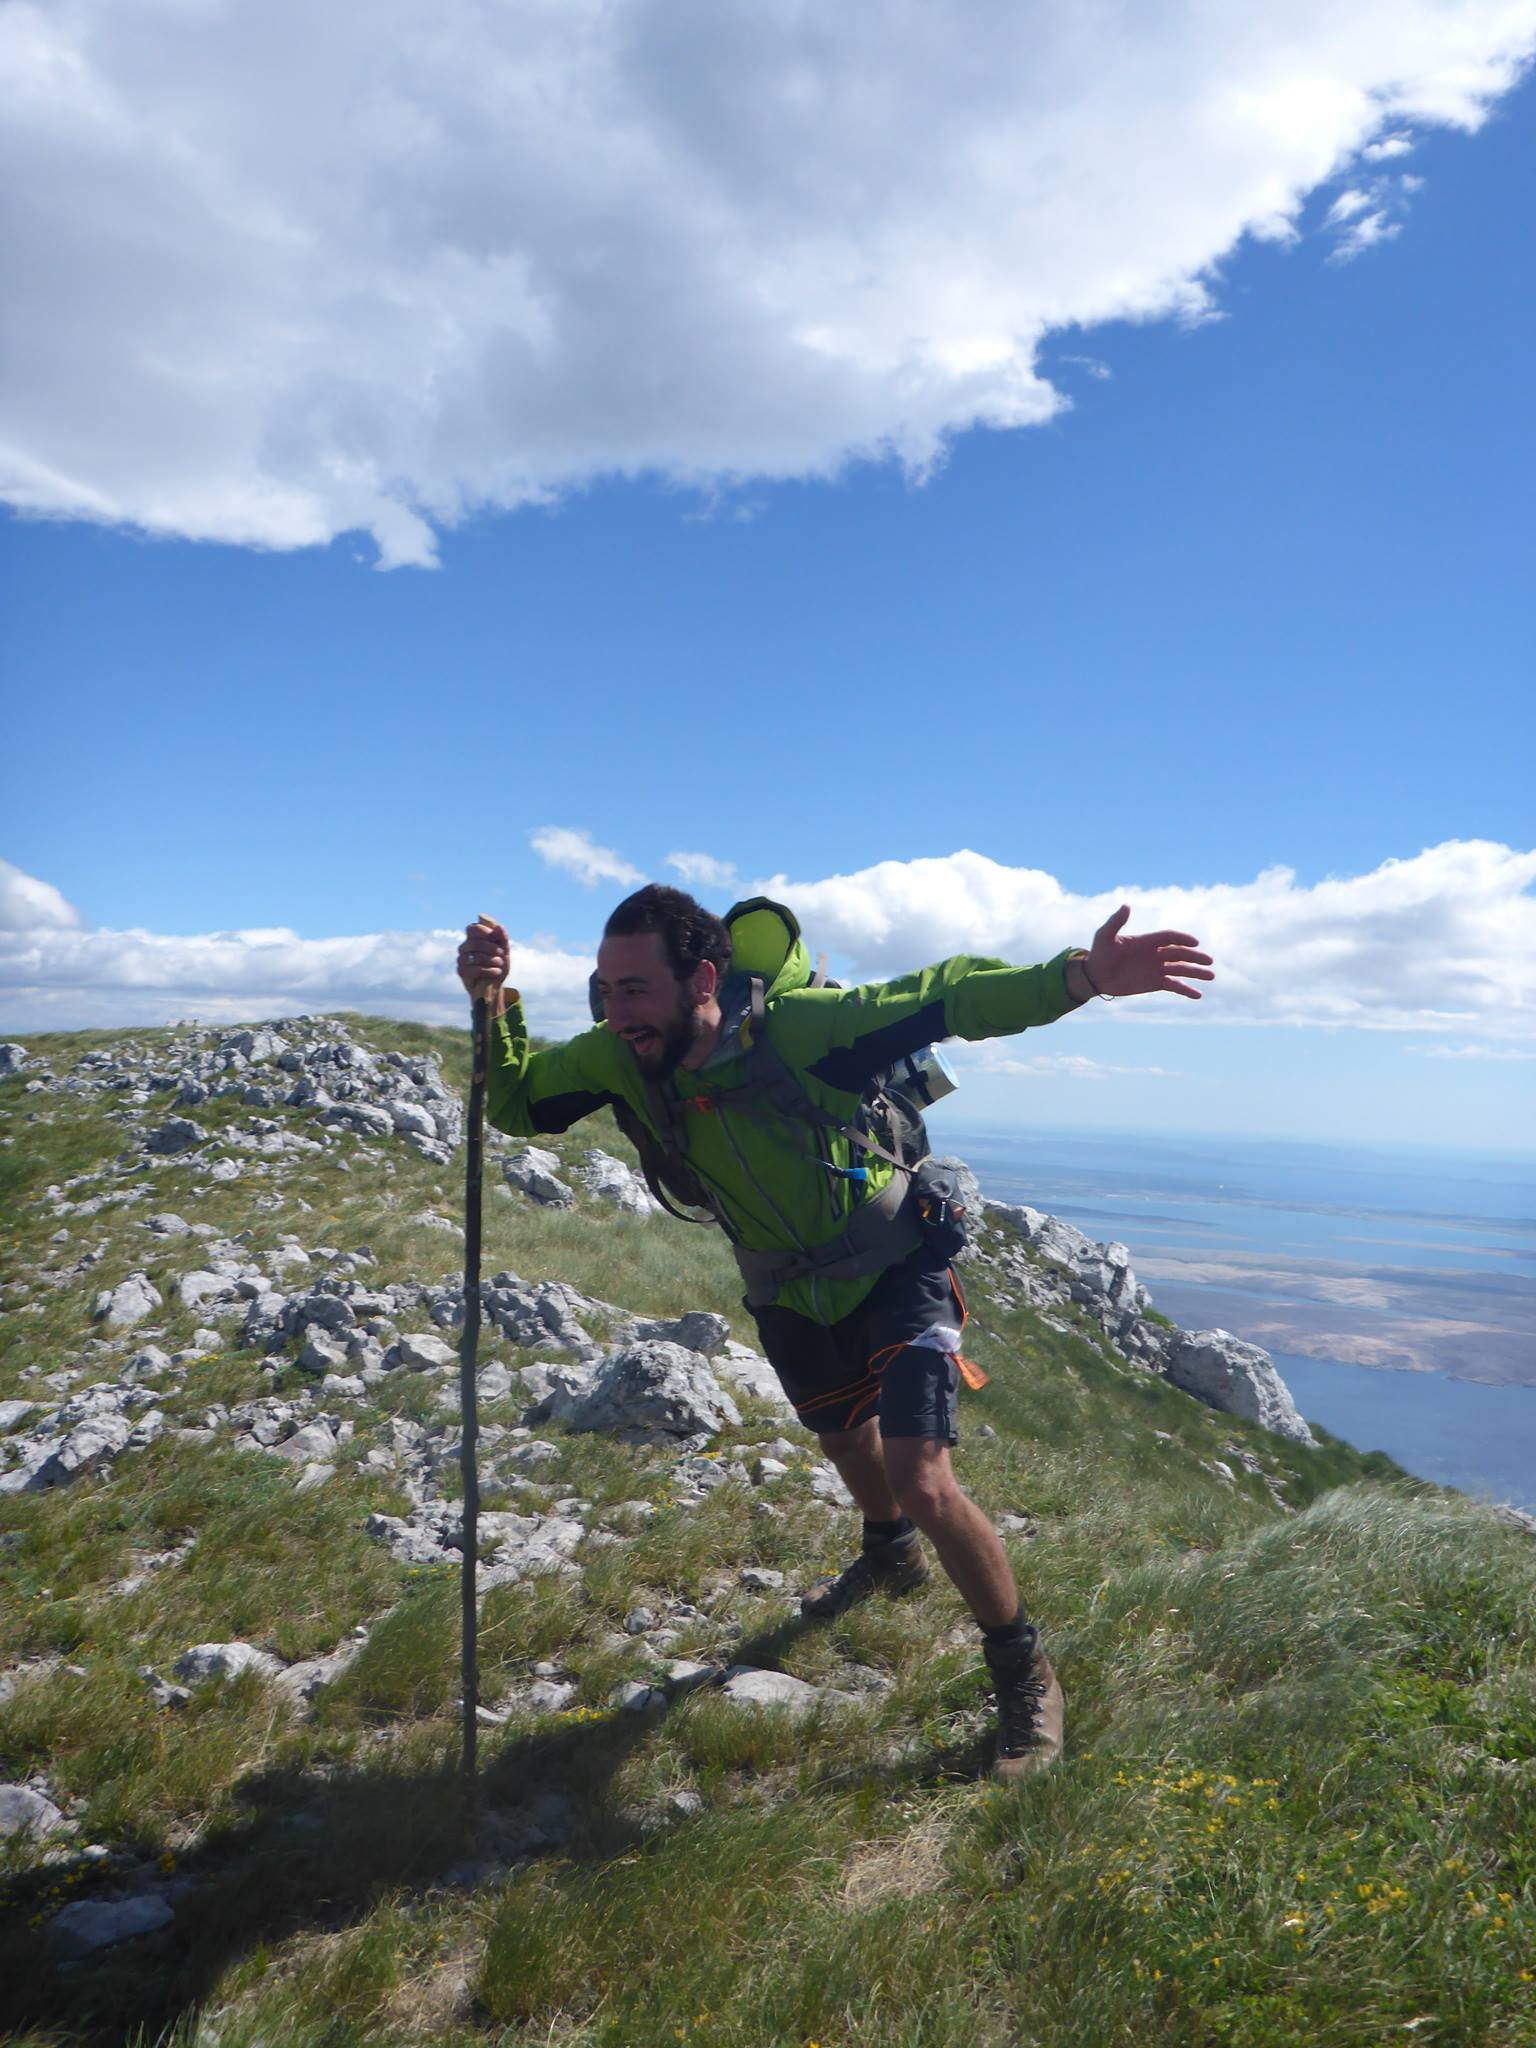 Un vent à décrocher les cornes d'un boeuf nous accueille au sommet de ce mont